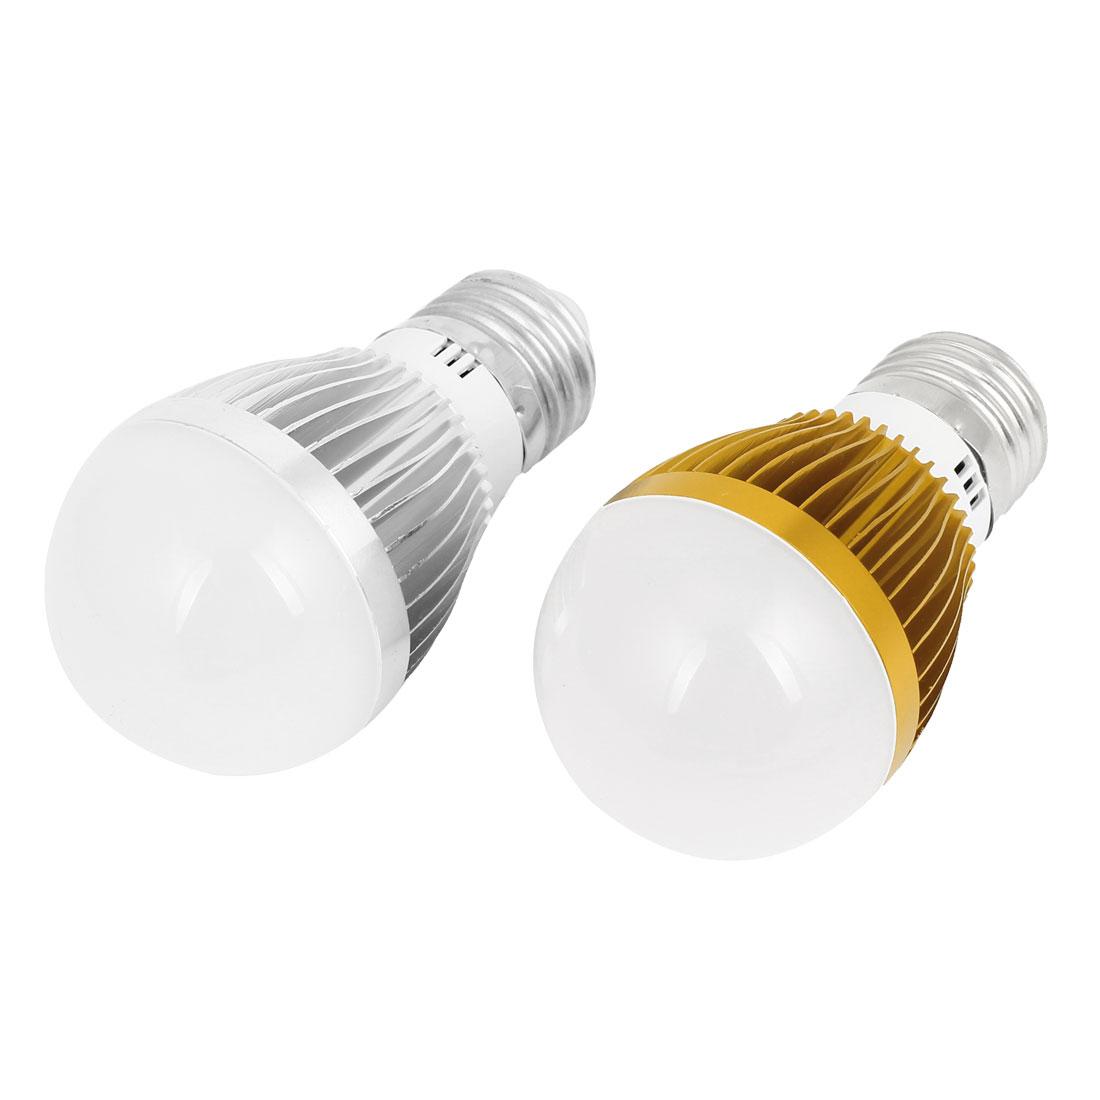 AC220V 3W 2800-3200K Warm White 6 LED E27 Socket Energy Saving Globe Light 2 Pcs